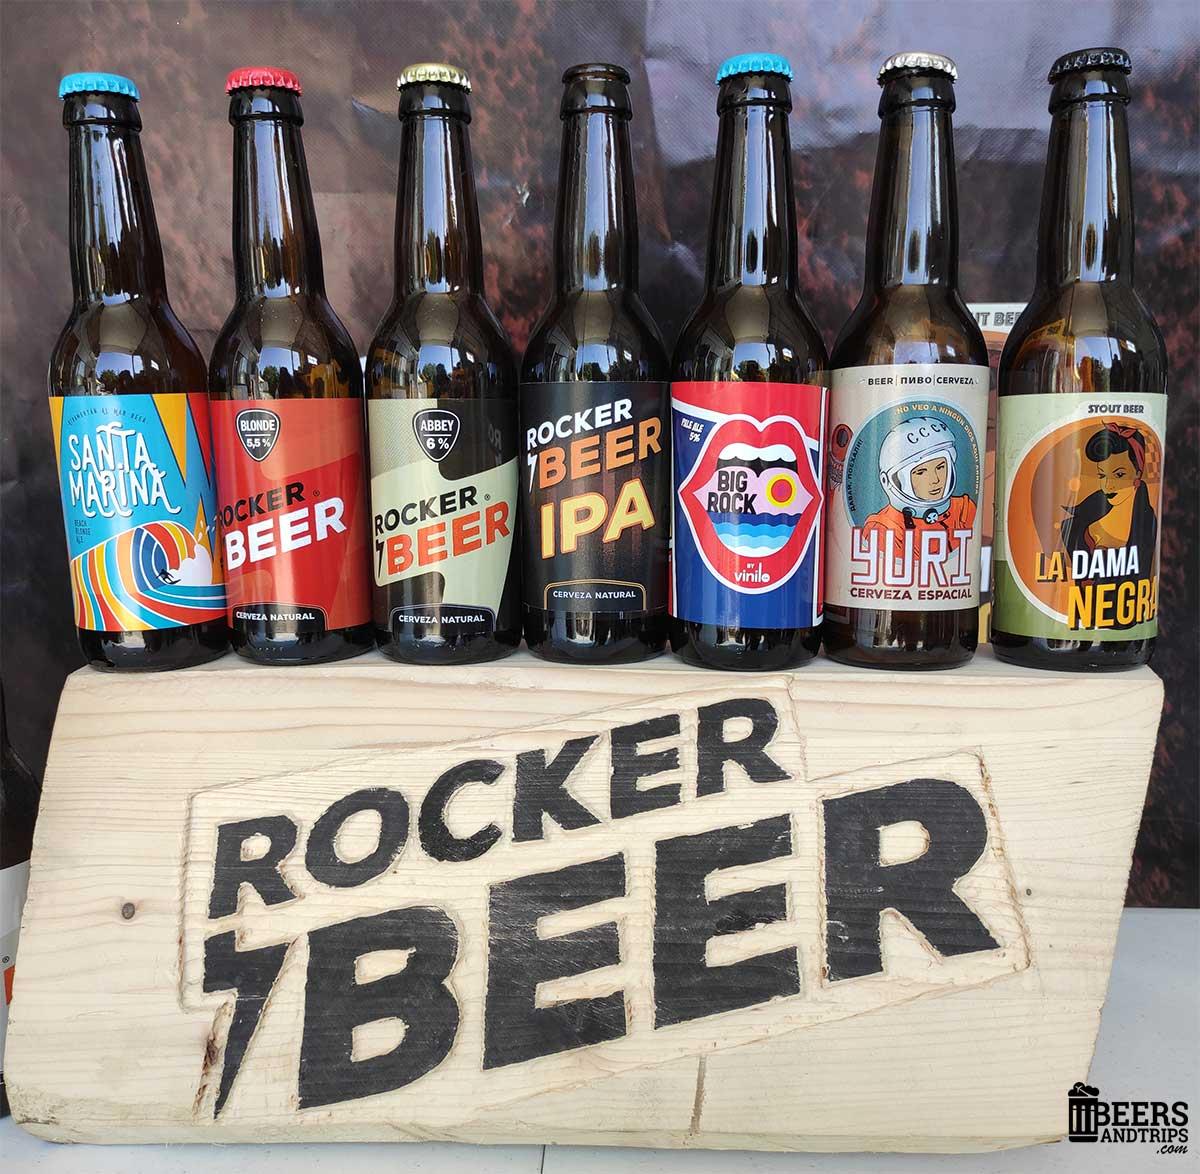 Cervezas de Rocker Beer